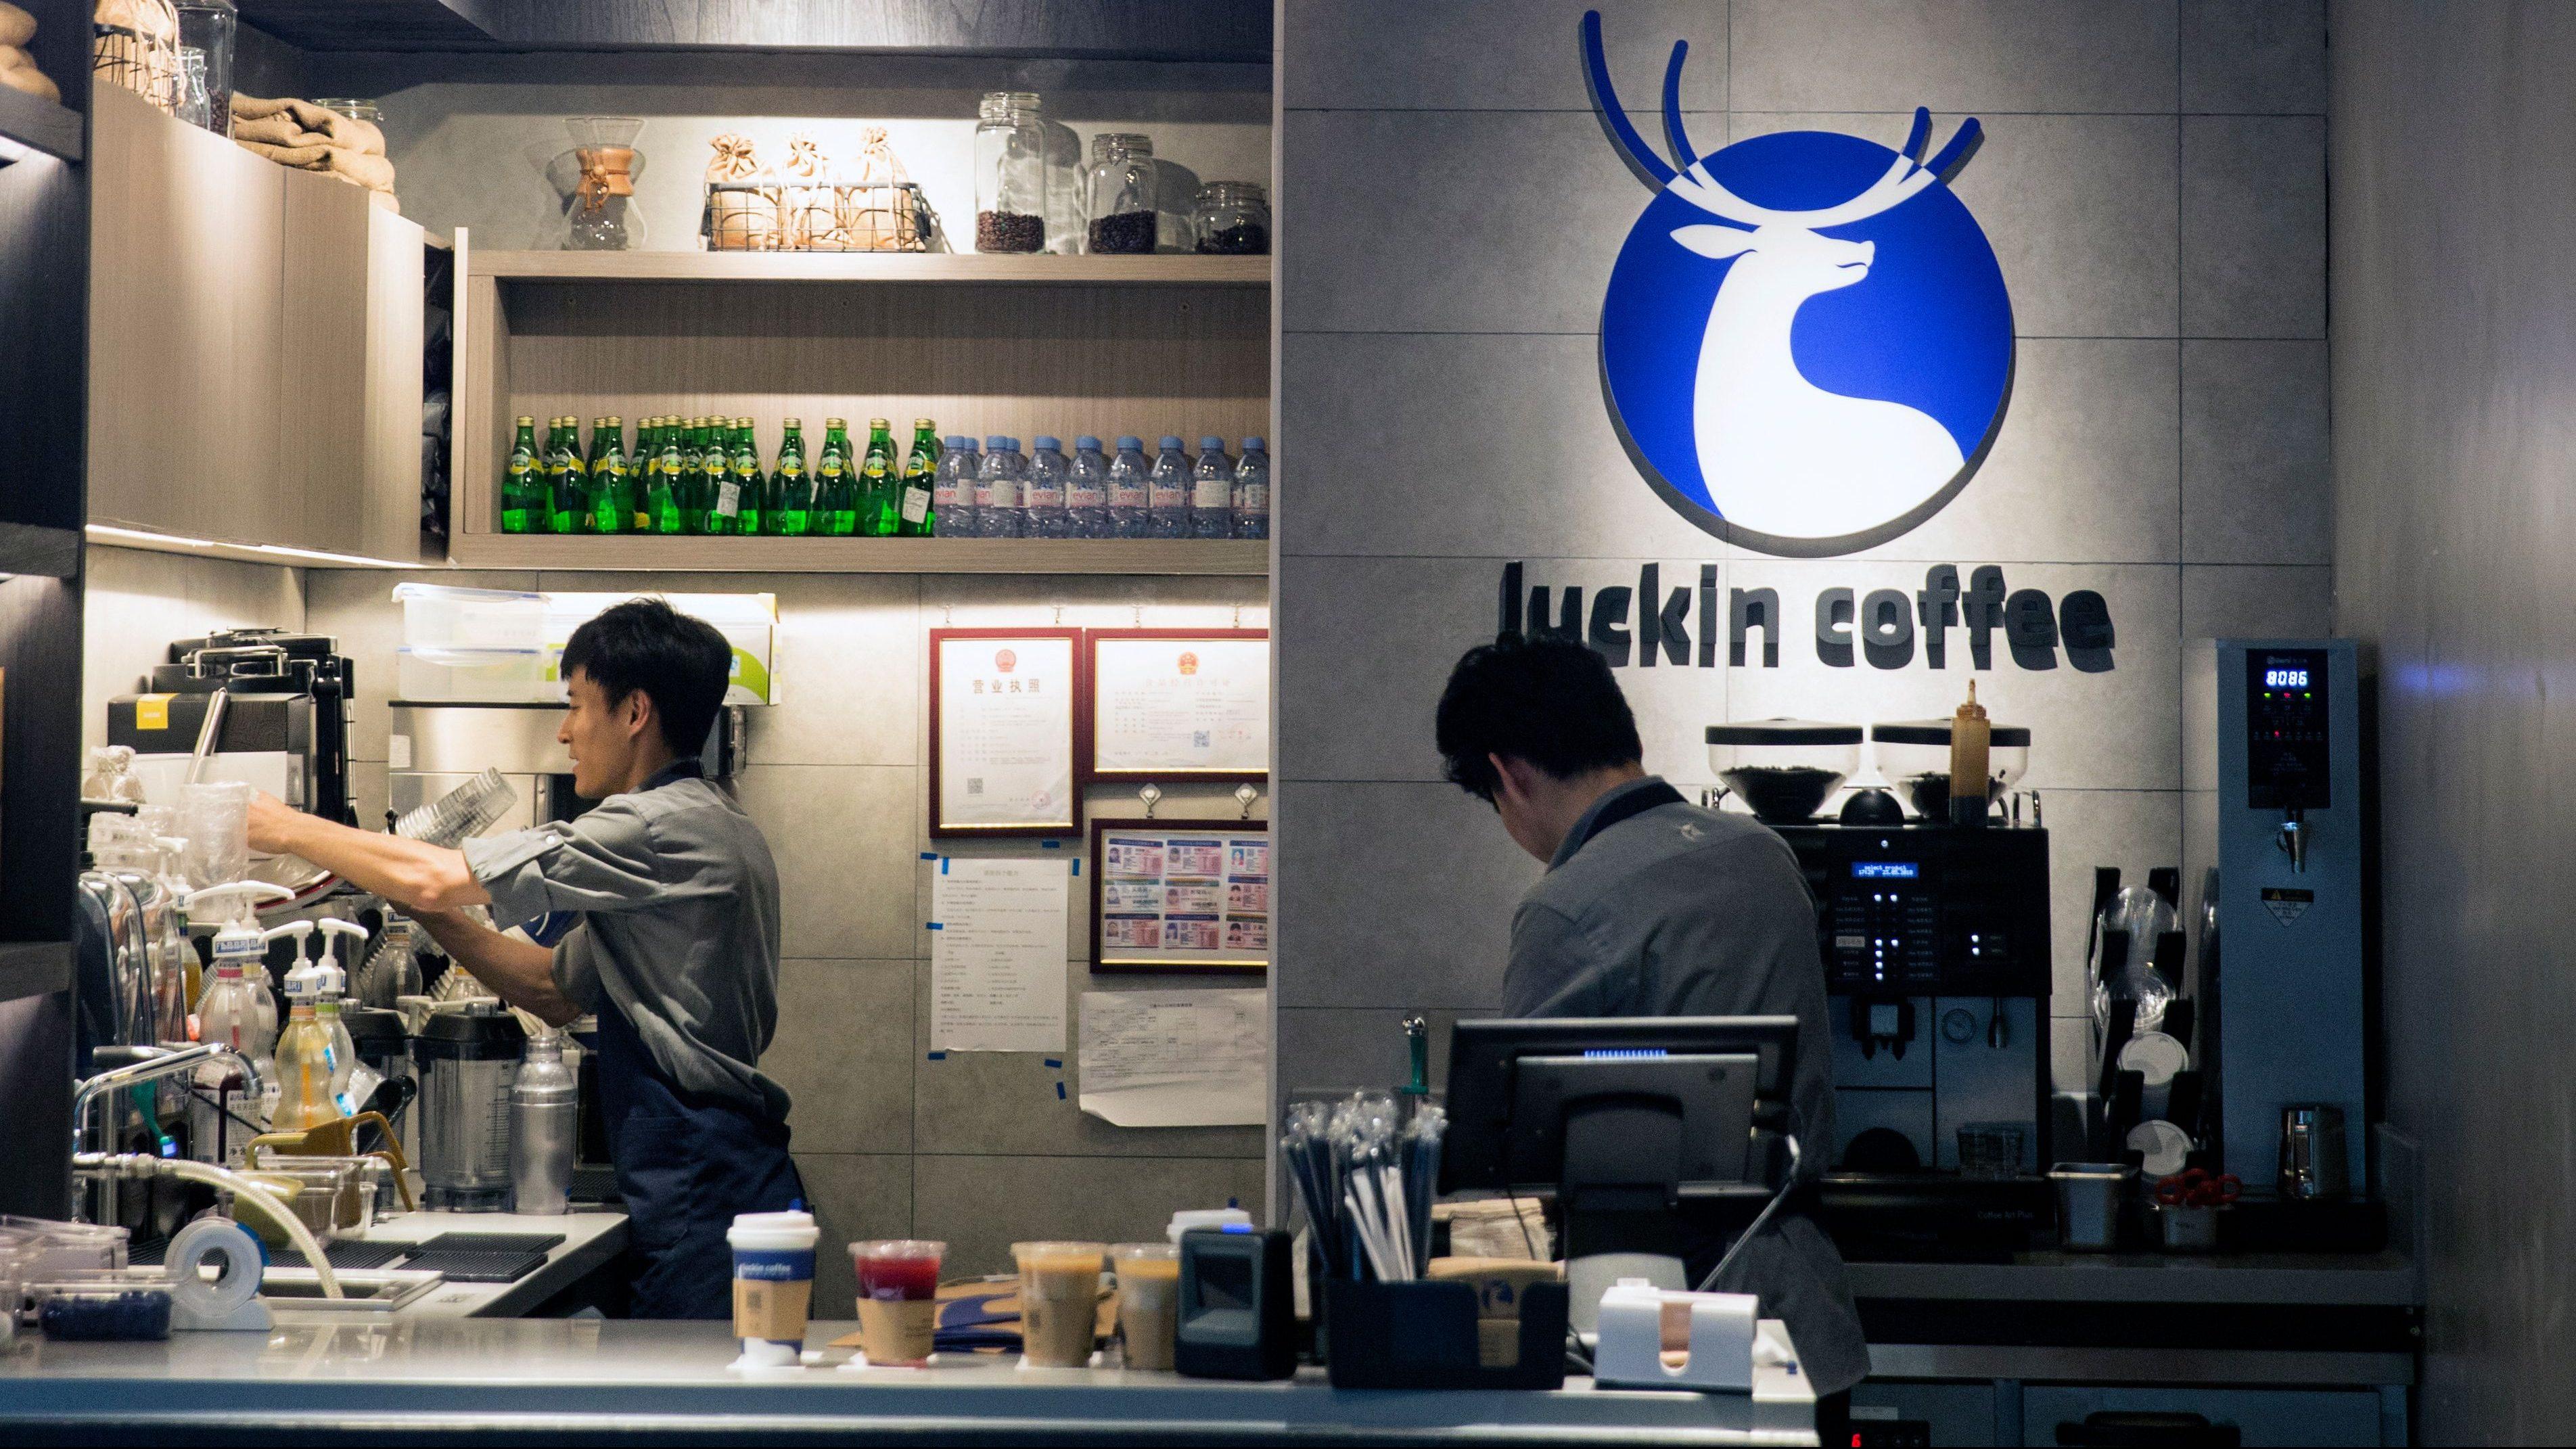 luckin coffee - photo #12